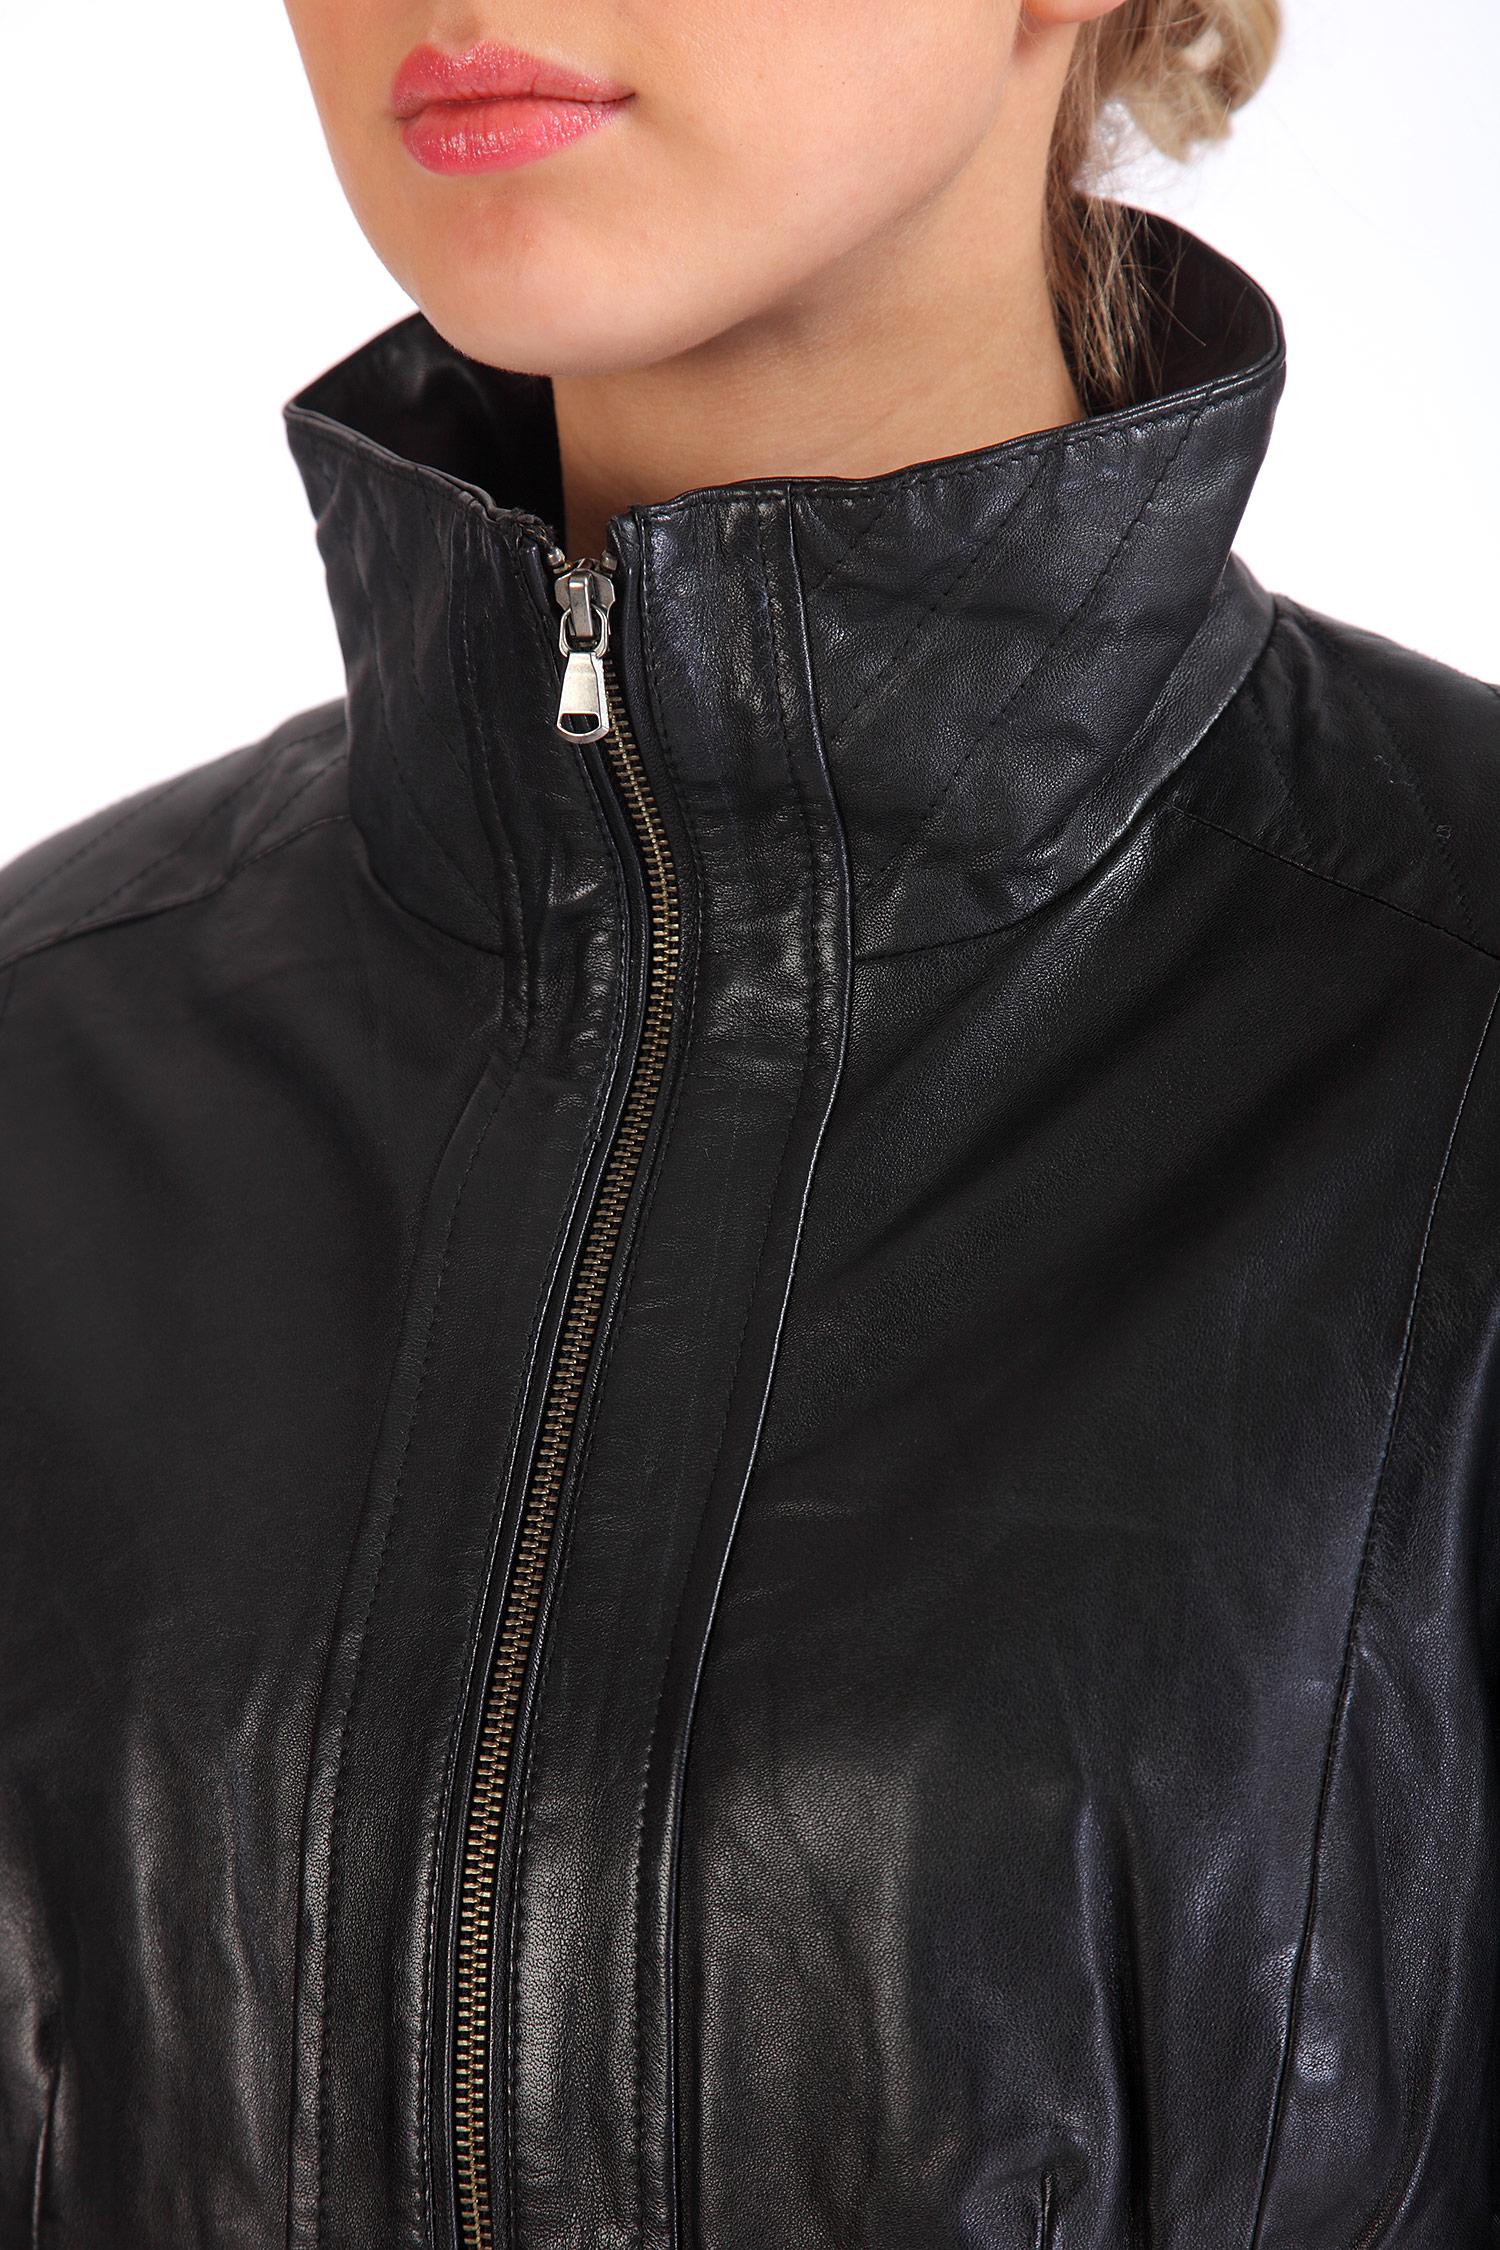 Фото 6 - Женская кожаная куртка из натуральной кожи с воротником от МОСМЕХА черного цвета